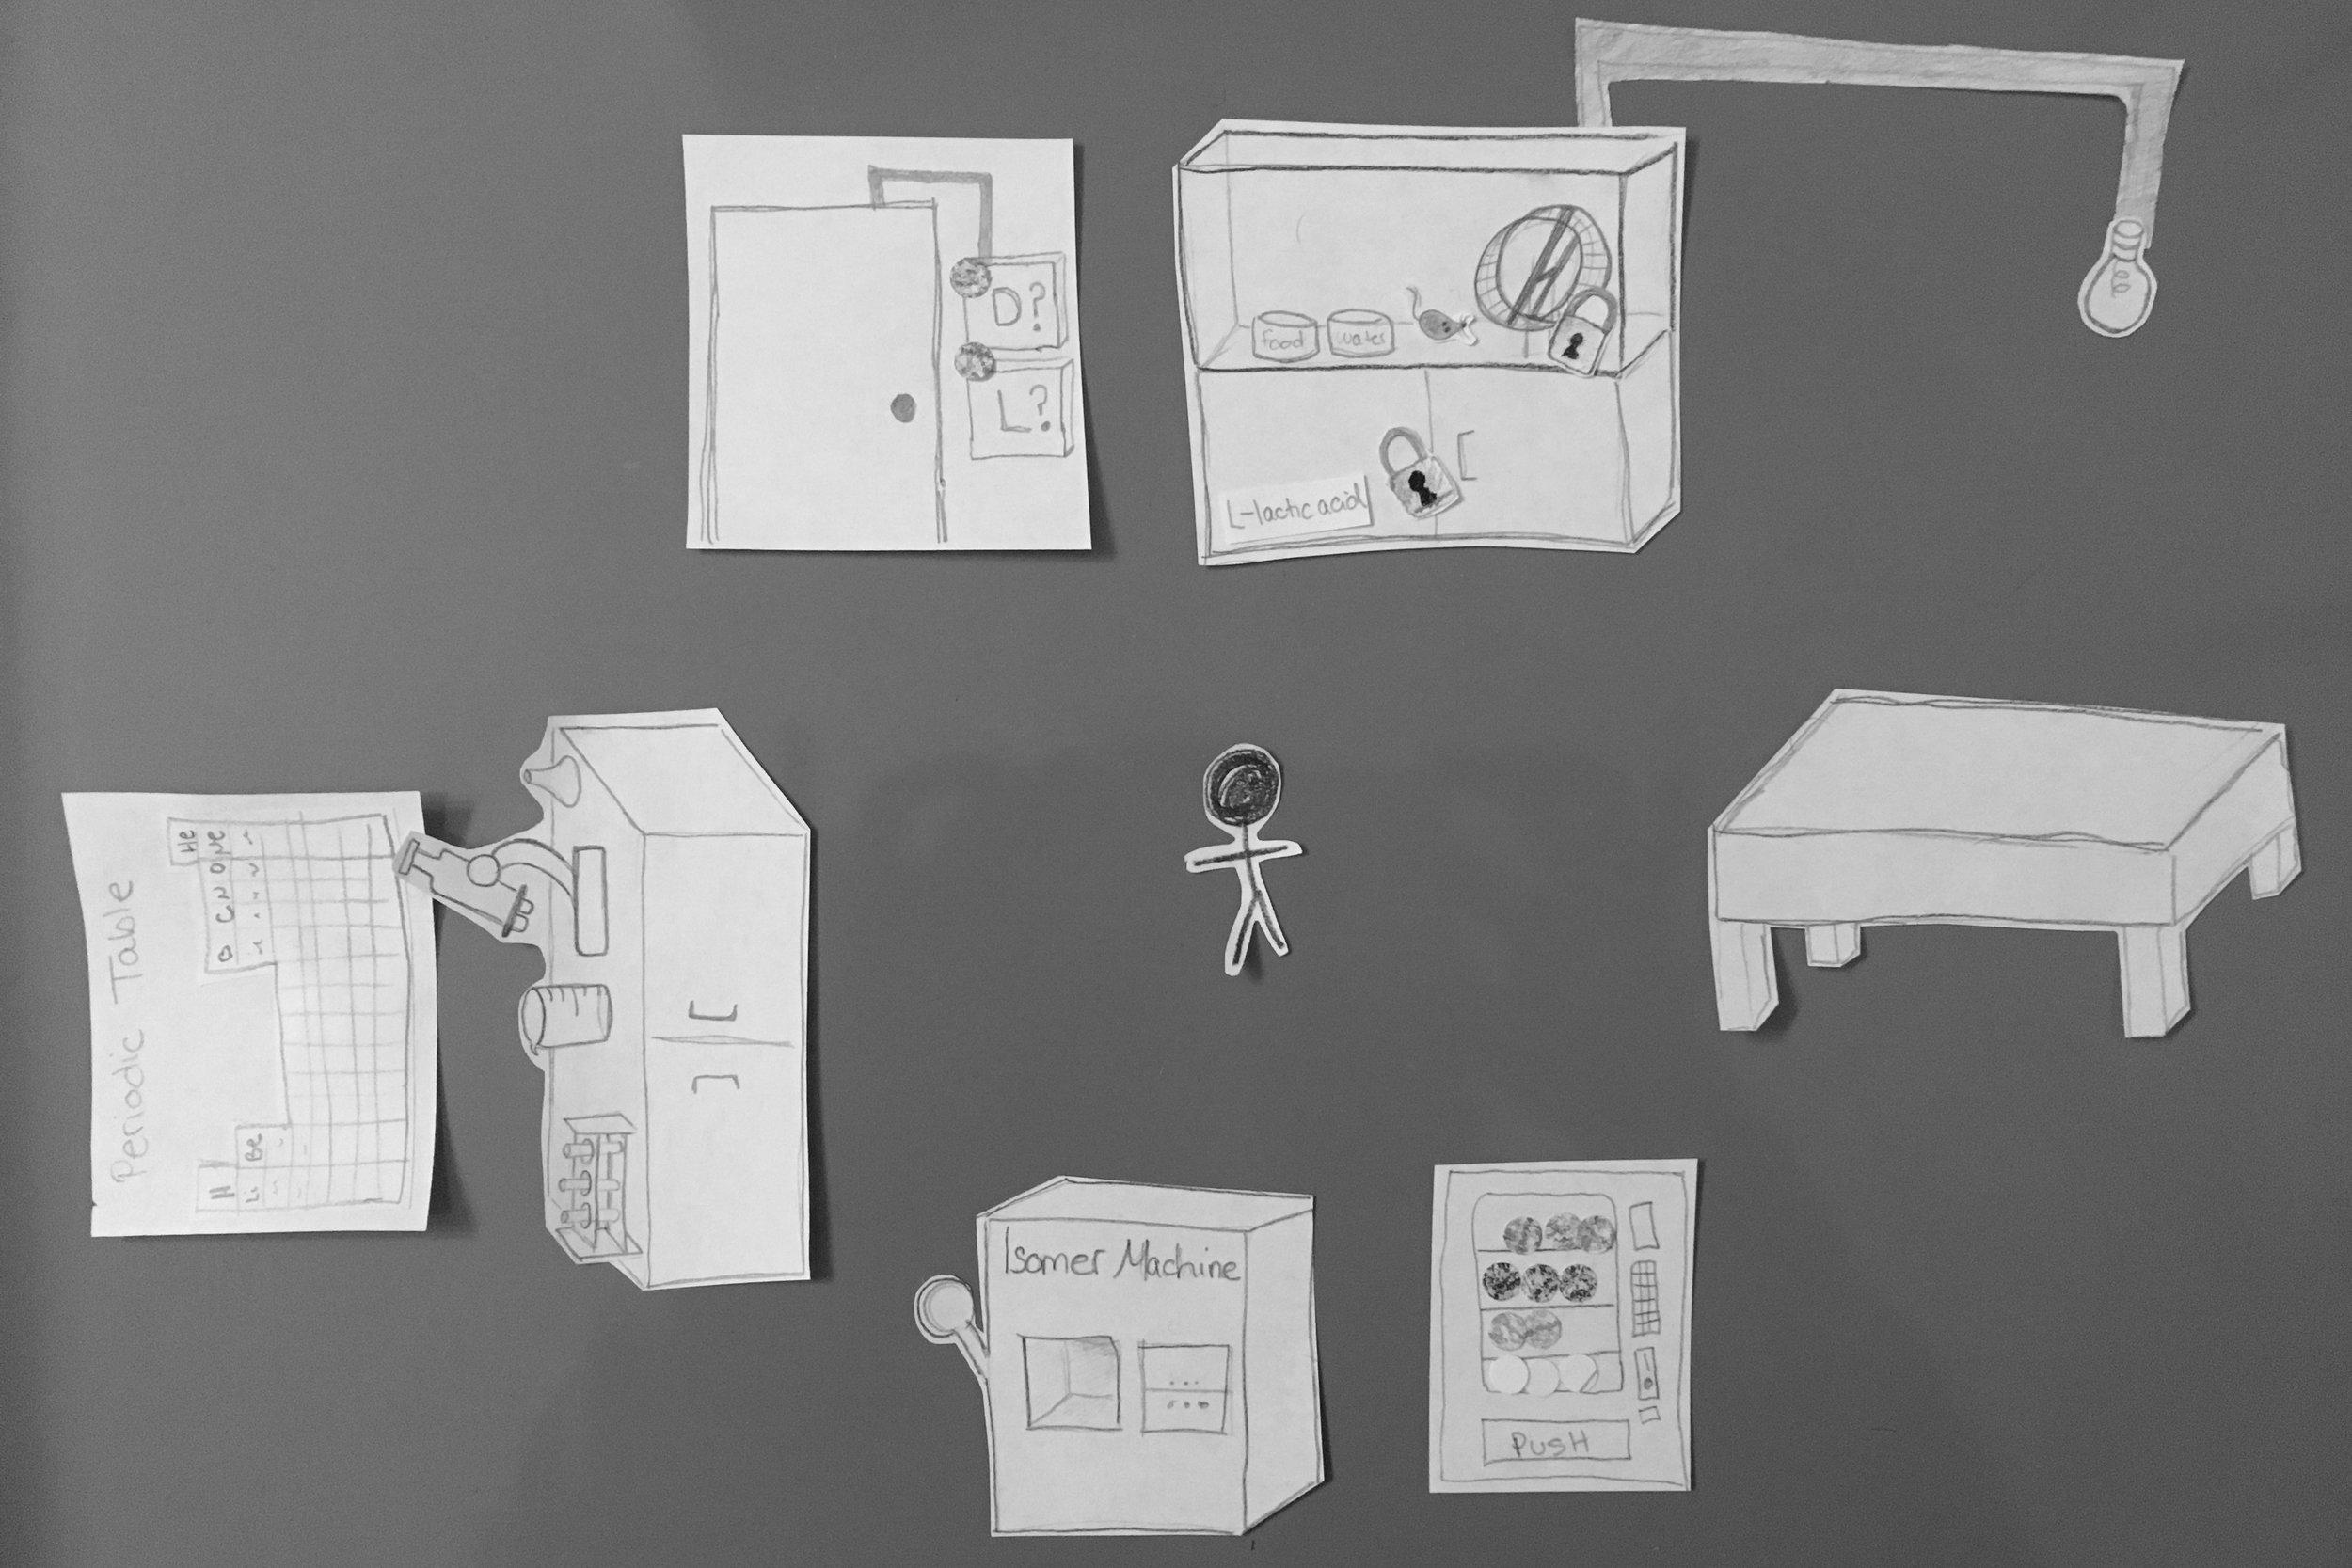 Paper Prototype Version 2